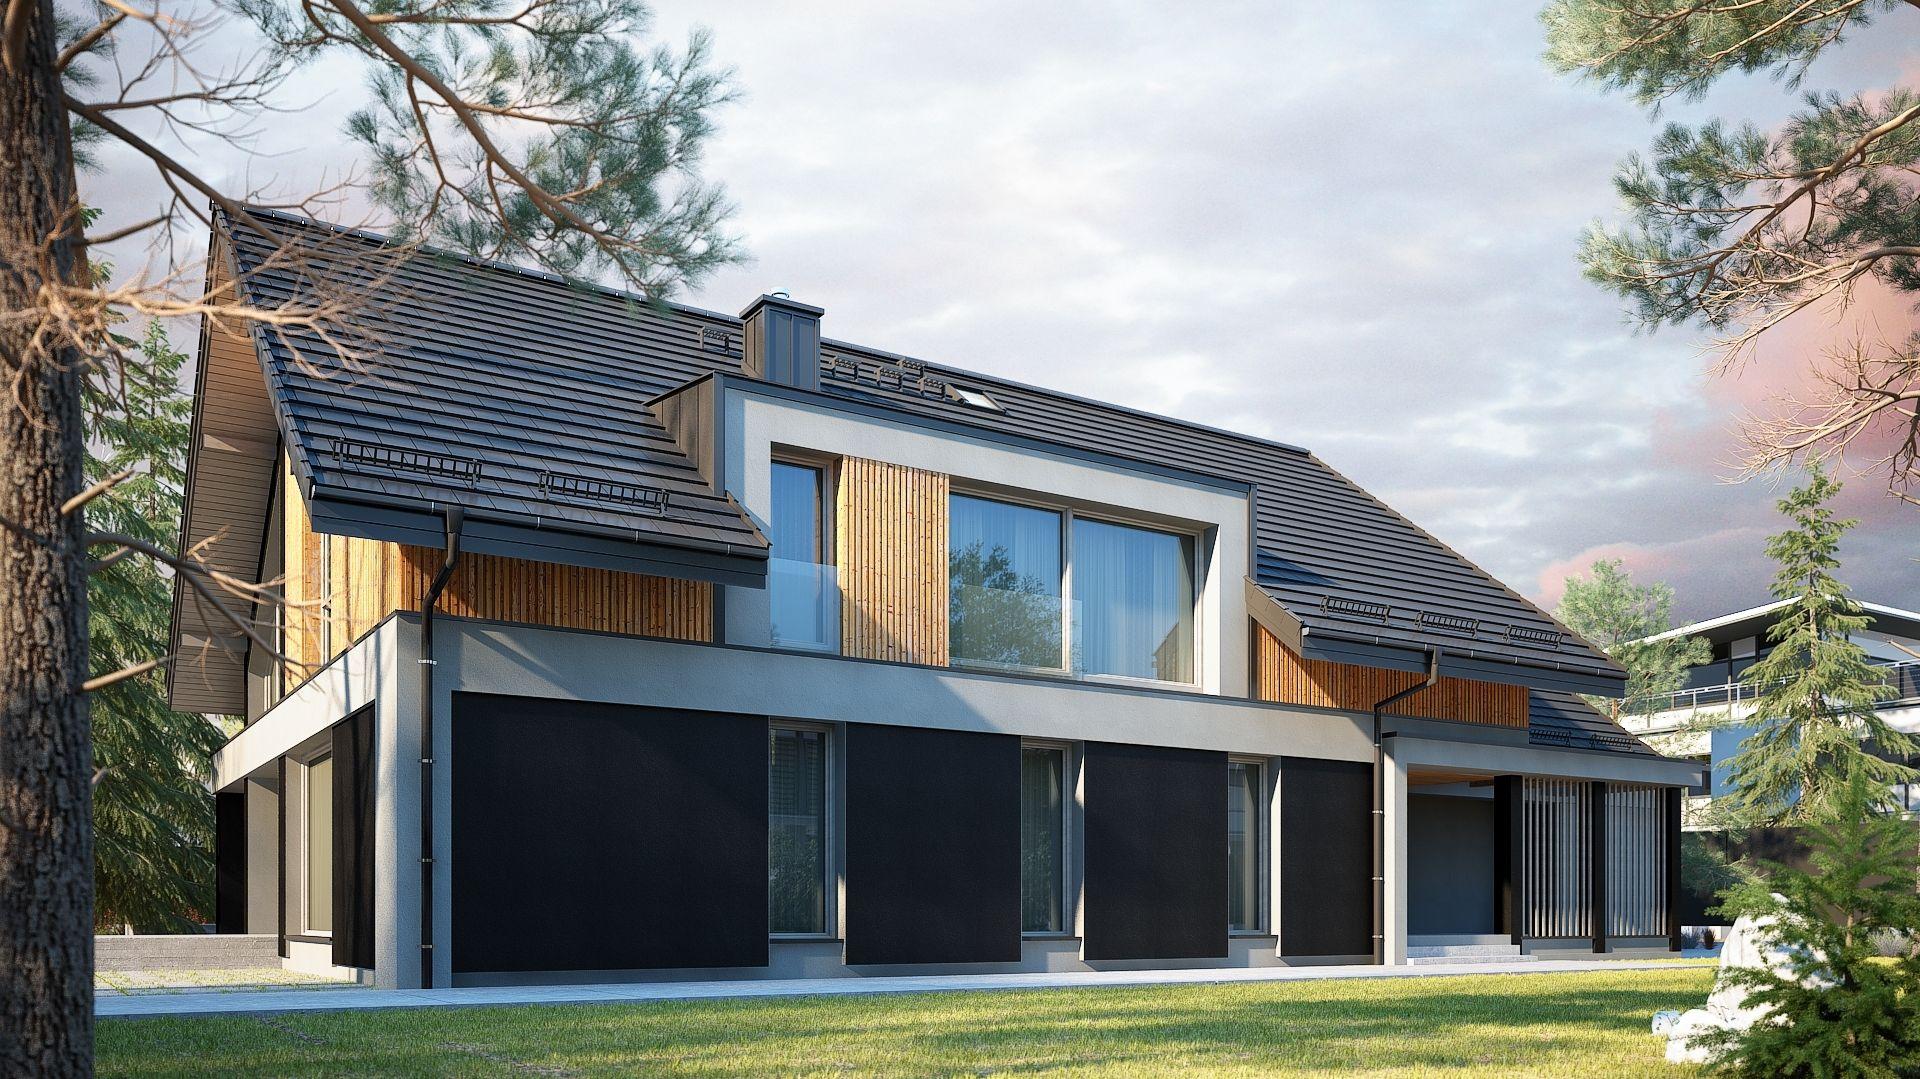 Bryła budynku, dzięki zastosowaniu na elewacji drewna i czerni prezentuje się bardzo elegancko. Nazwa projektu: Tenemona 2. Projekt wykonano w Pracowni Domy w zieleni